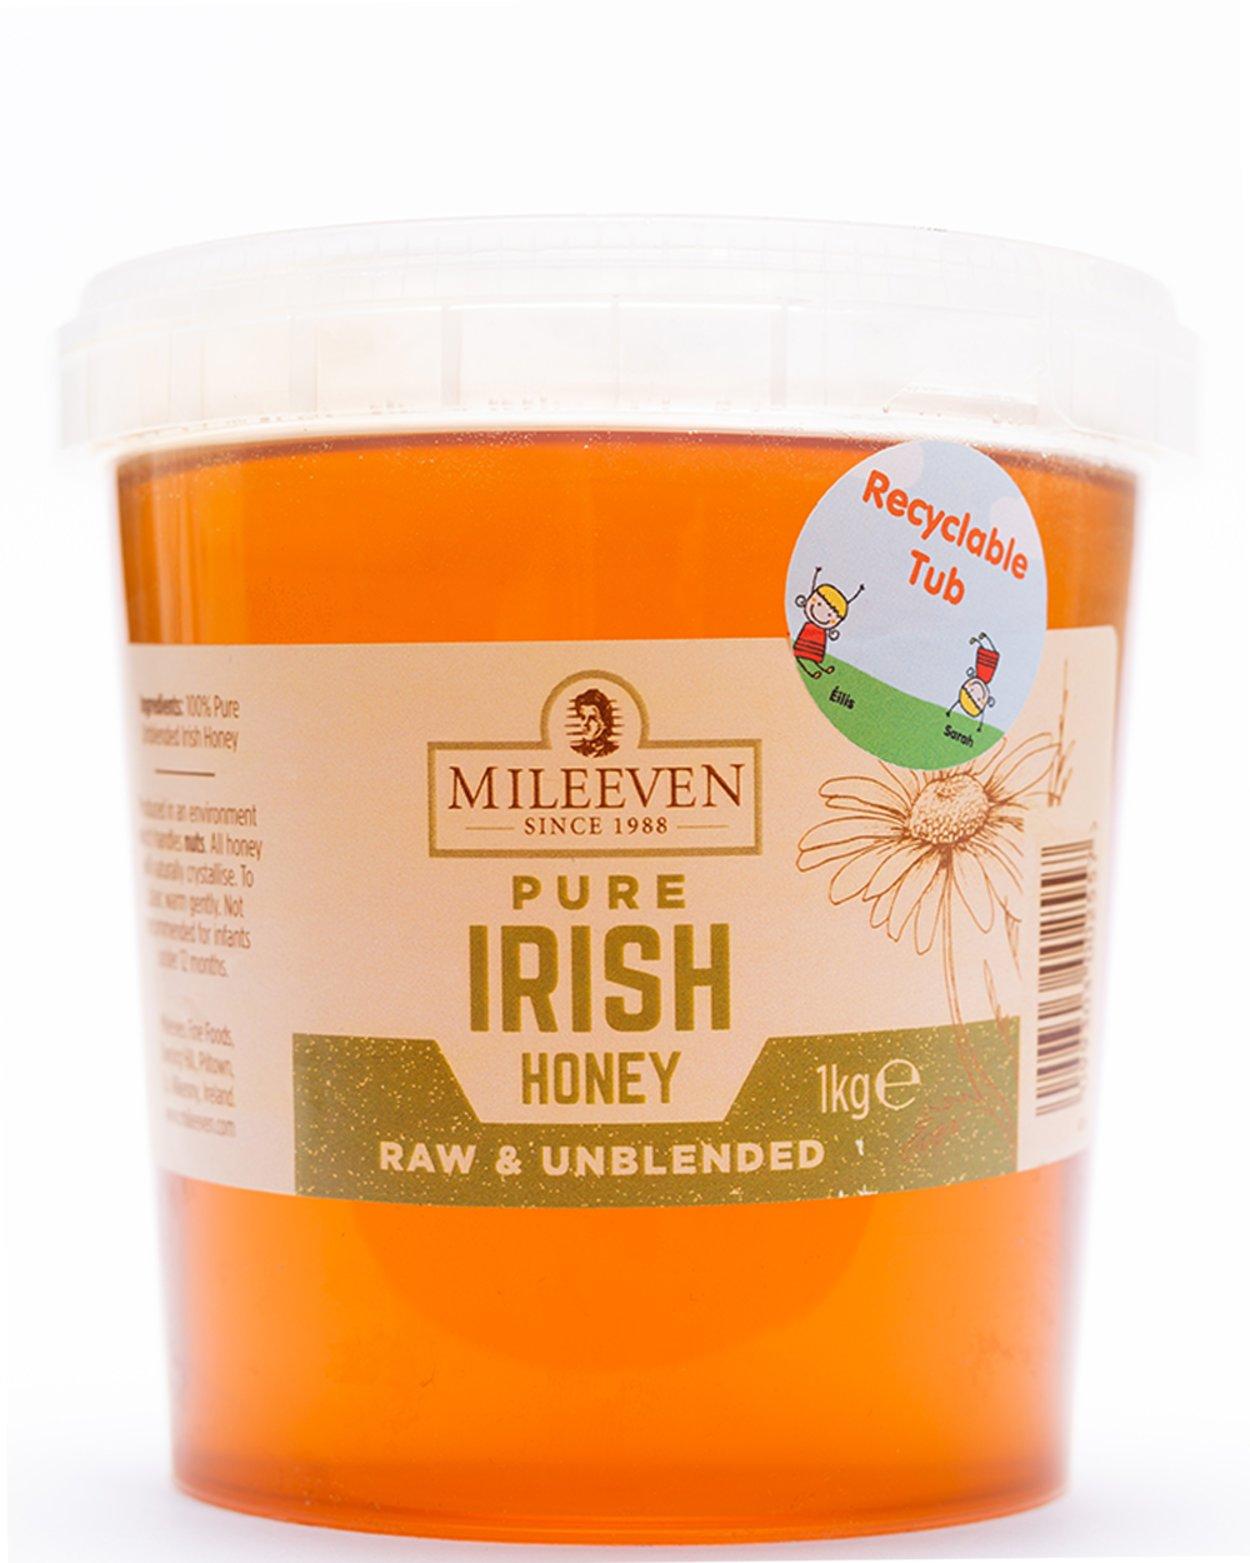 Mileeven Pure Irish Honey